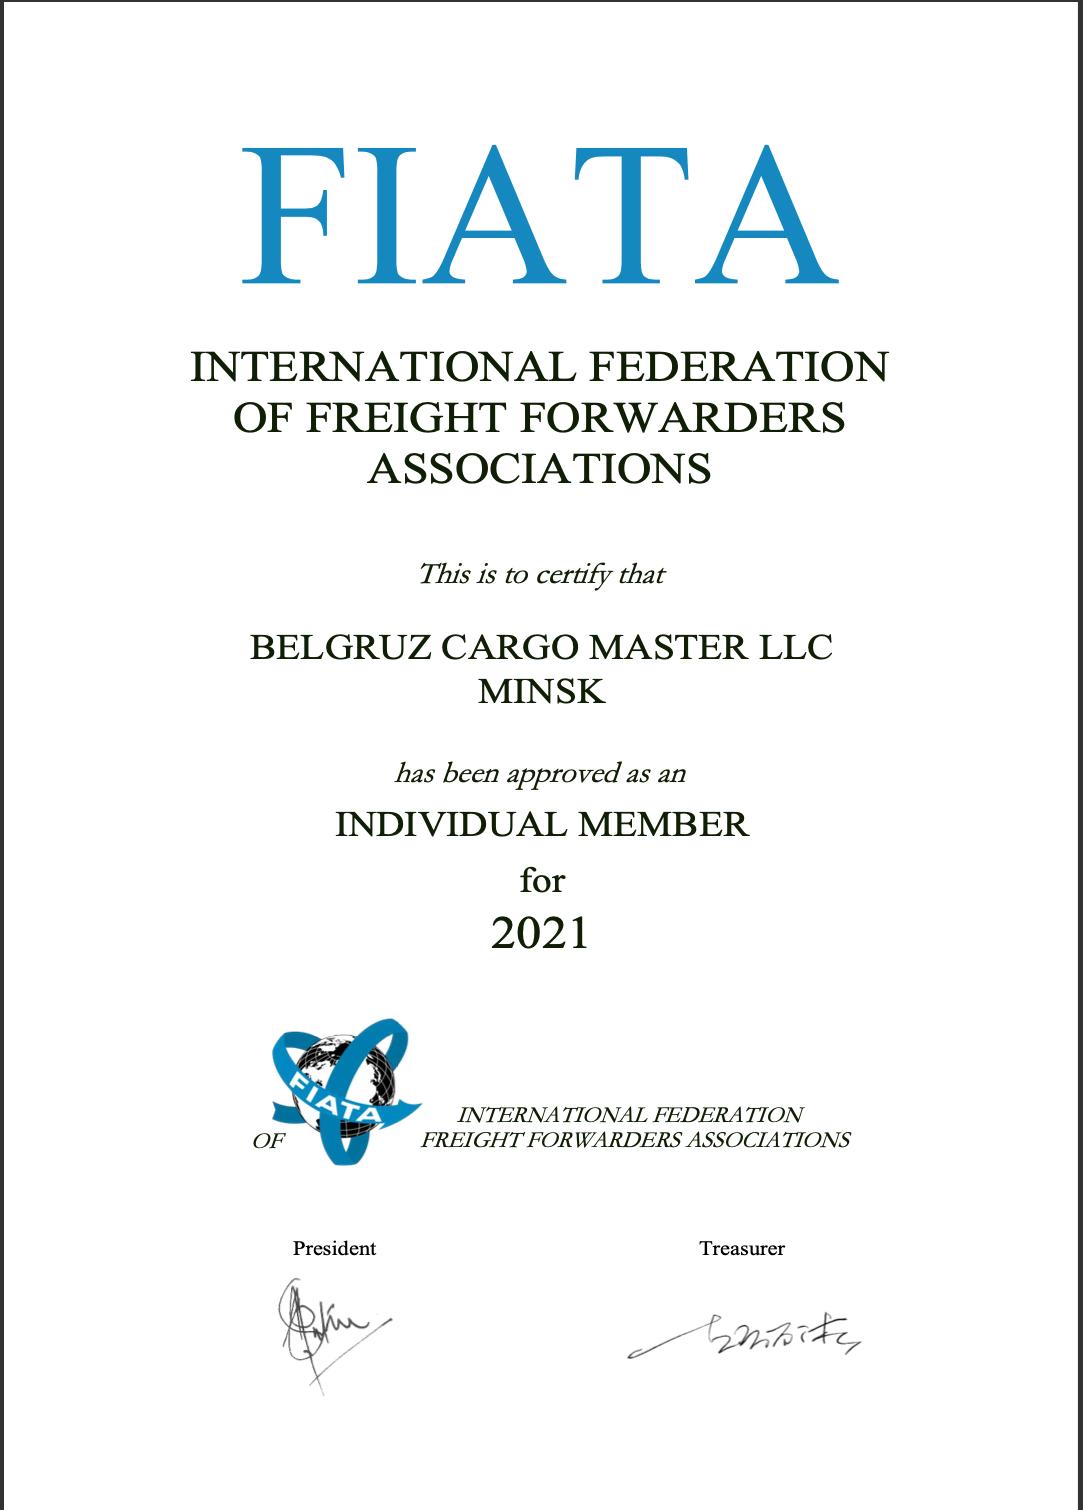 Belgruz Cargo Master – индивидуальный член FIATA. 40 белорусских компаний являются членами FIATA 1